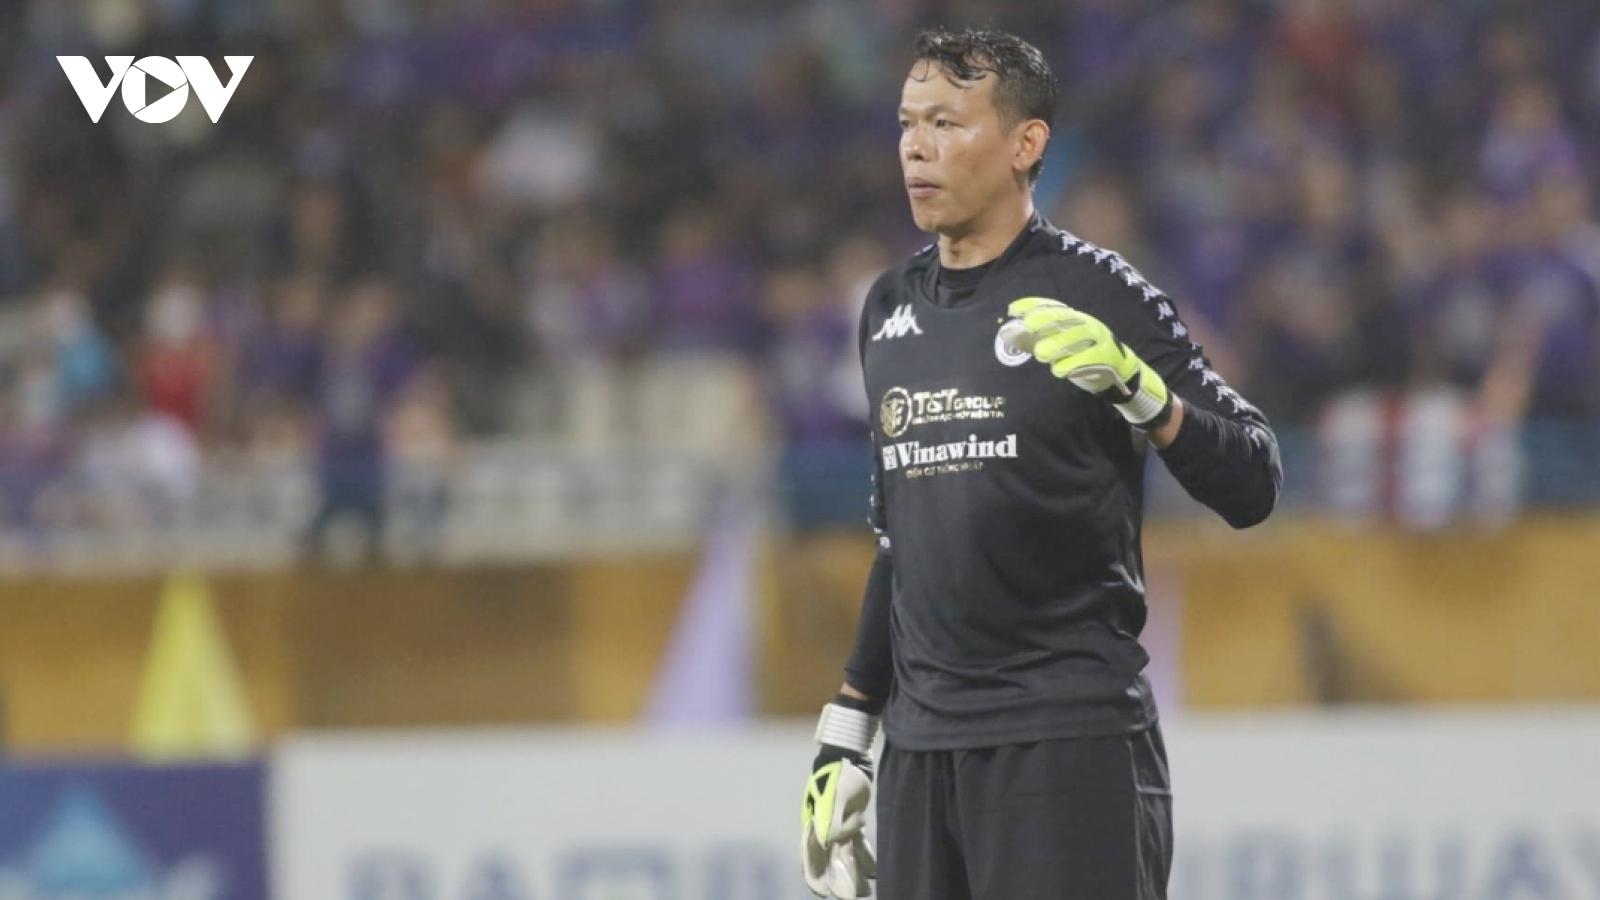 Đội hình những cầu thủ xuất sắc tại V-League 2020 ở ĐT Việt Nam